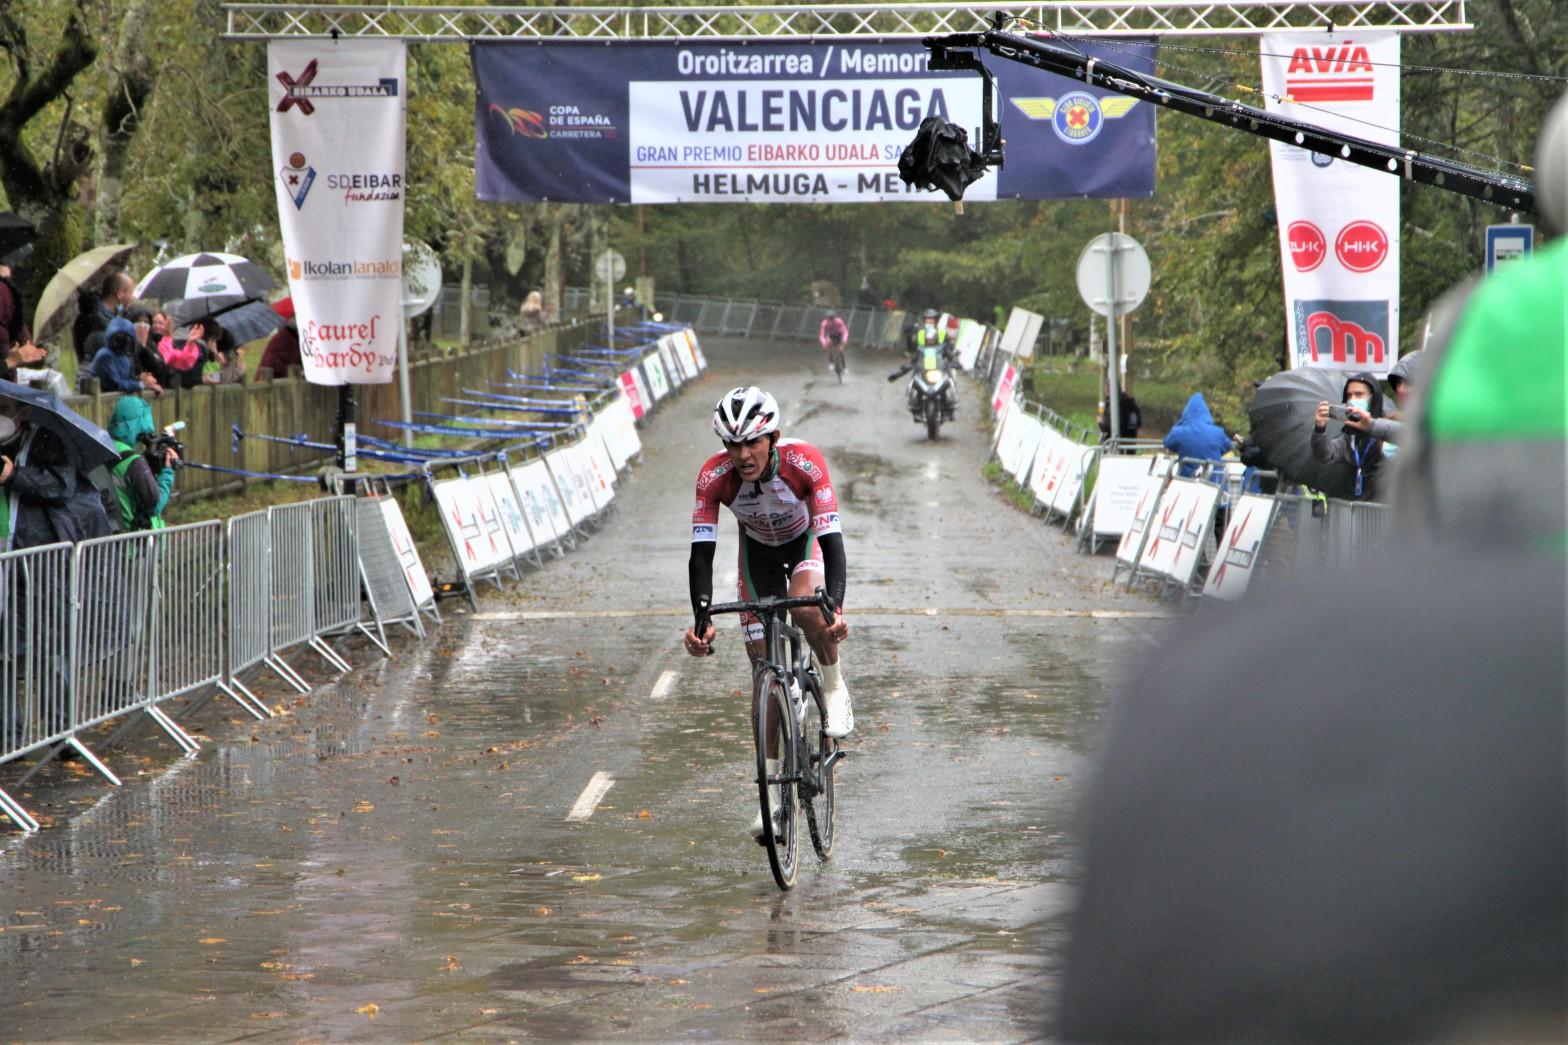 Abner González Telco,m Valenciaga